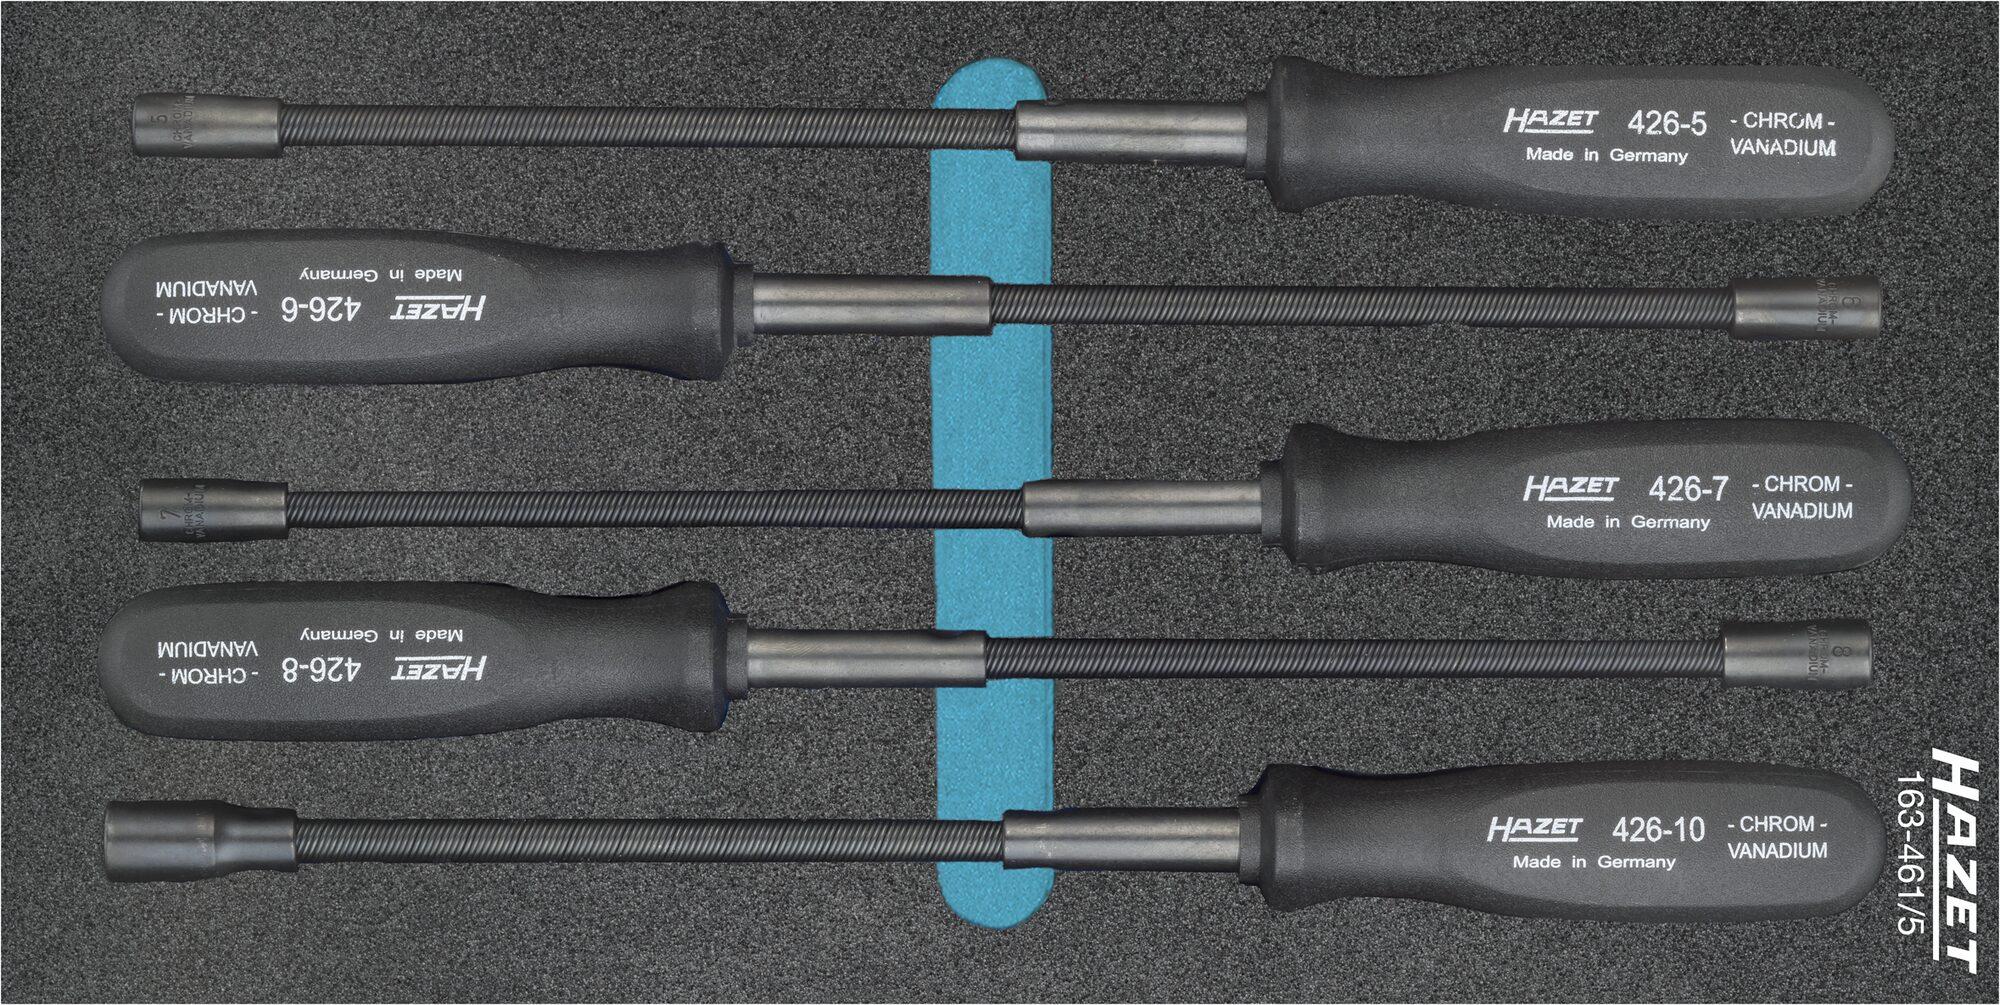 HAZET Flexibler Steckschlüssel Satz 163-461/5 ∙ Außen-Sechskant Profil ∙ 5–10 ∙ Anzahl Werkzeuge: 5